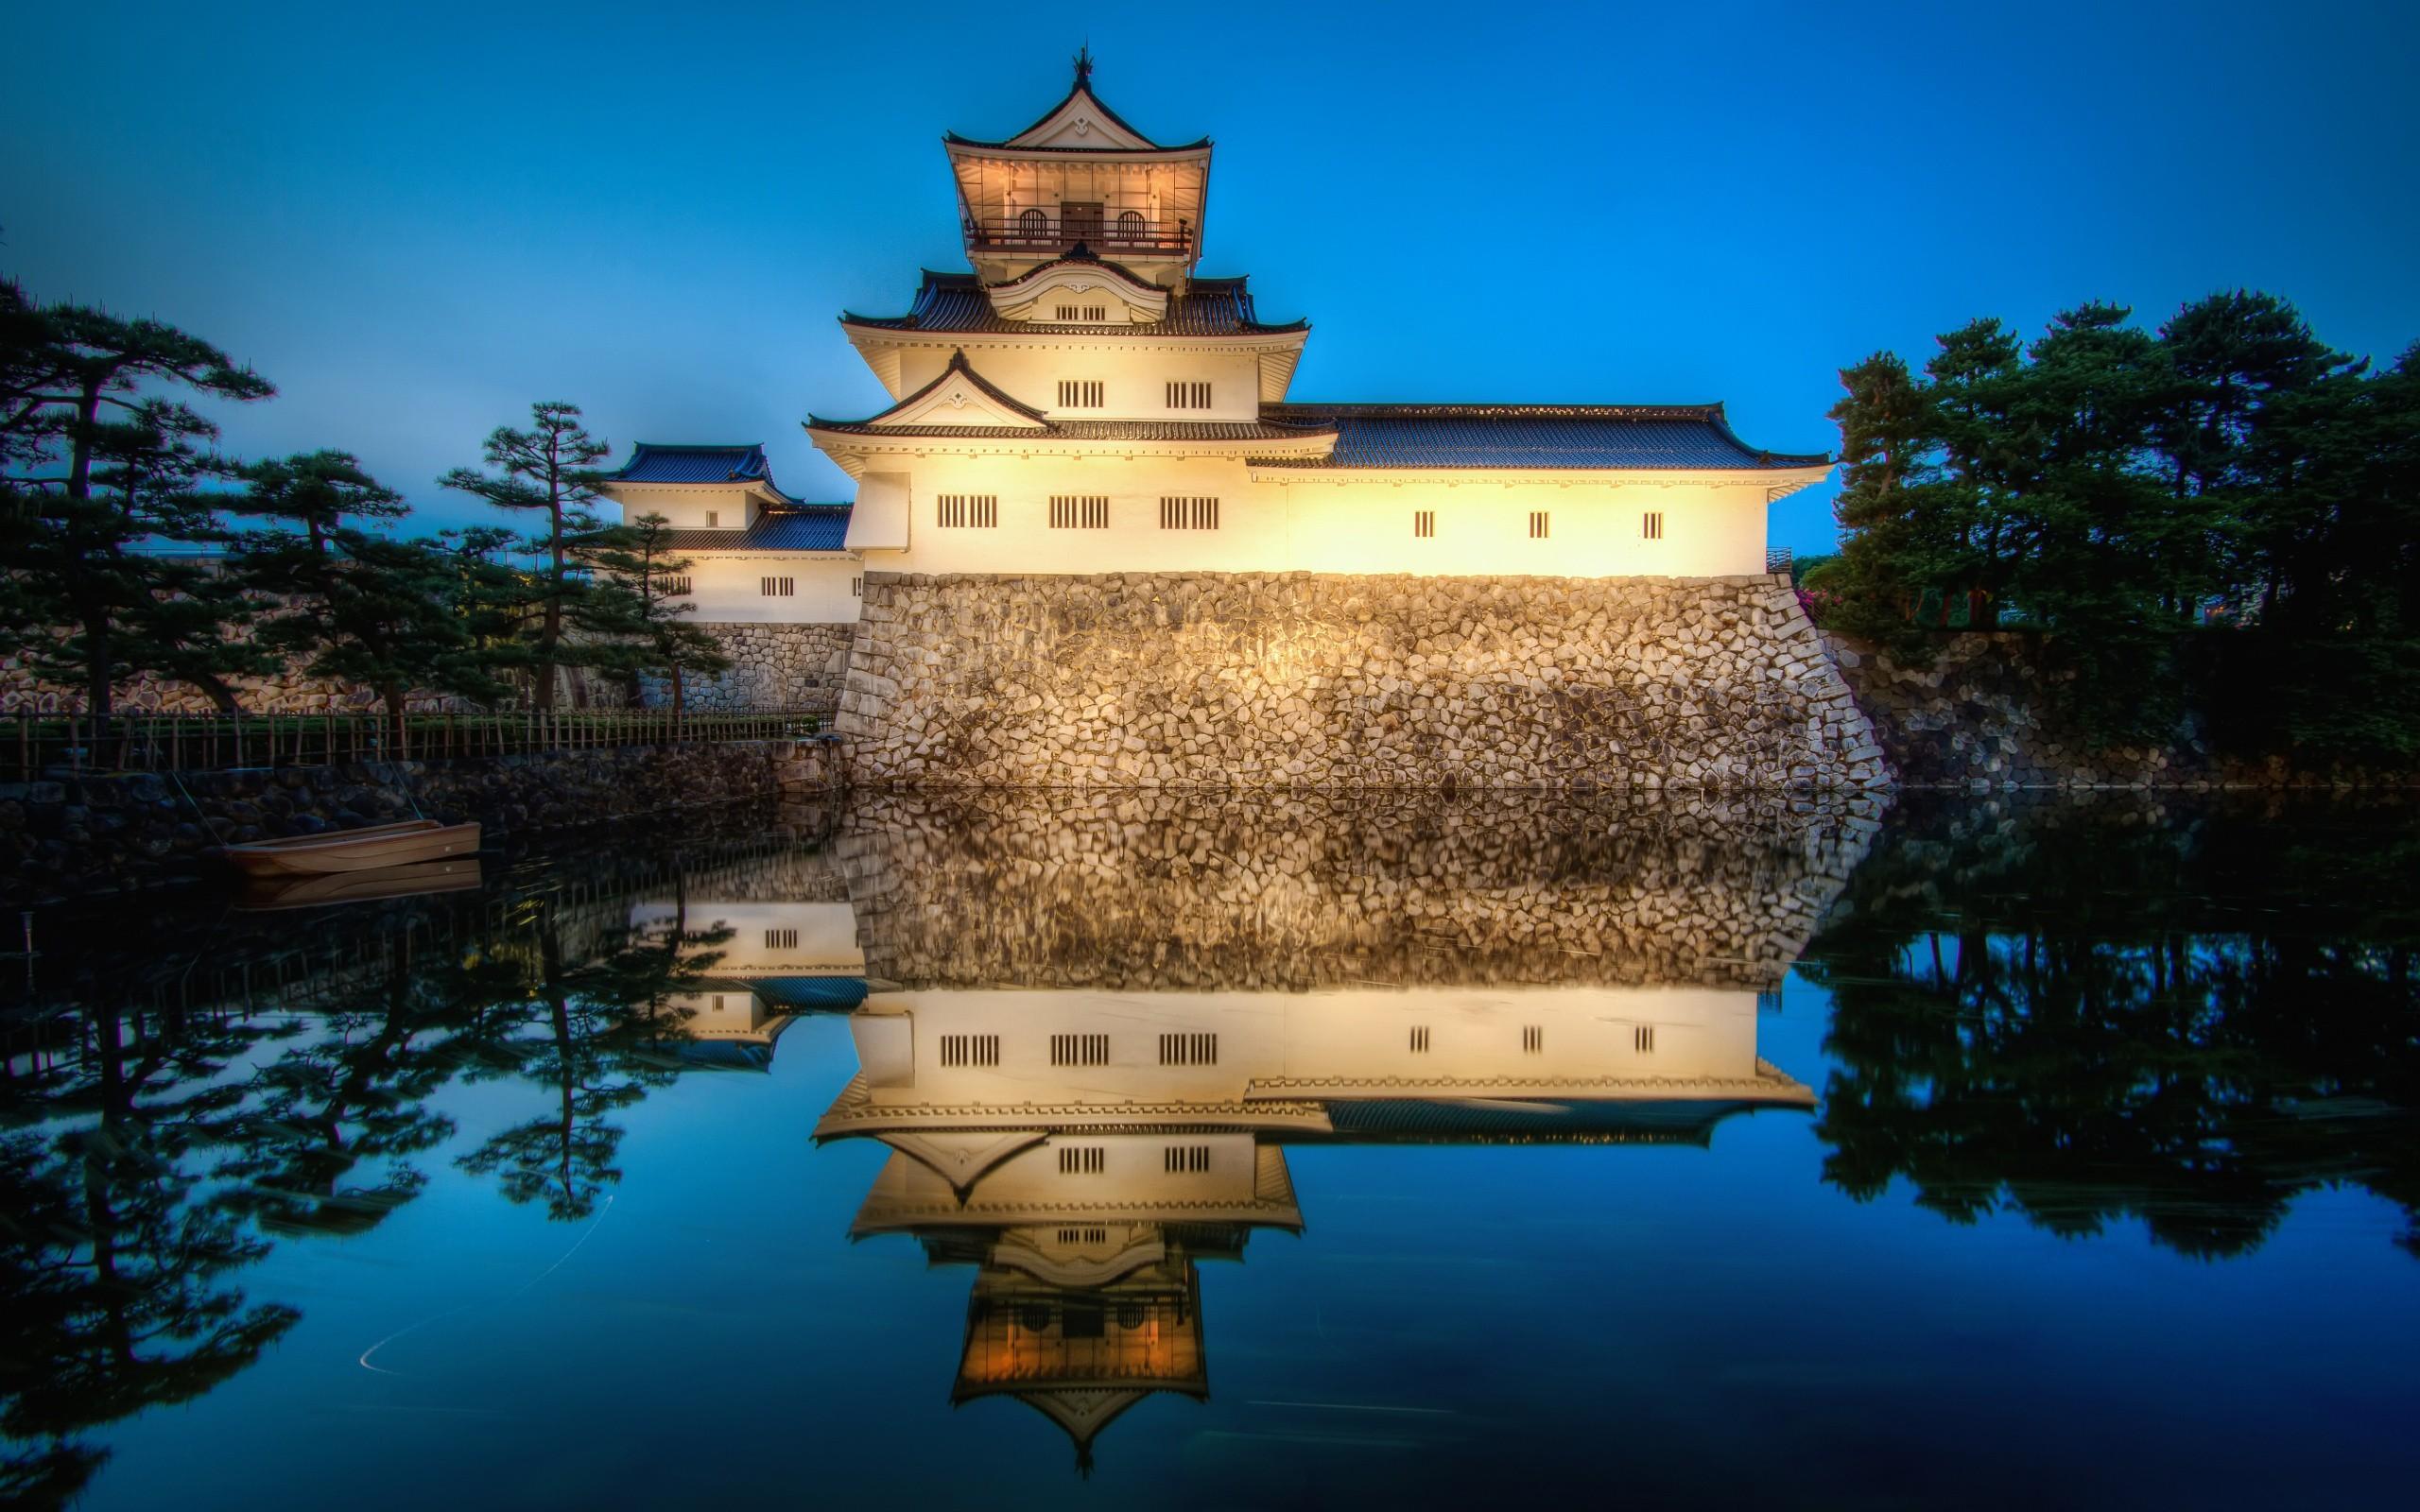 General 2560x1600 Toyama Castle castle Japan reflection water trees